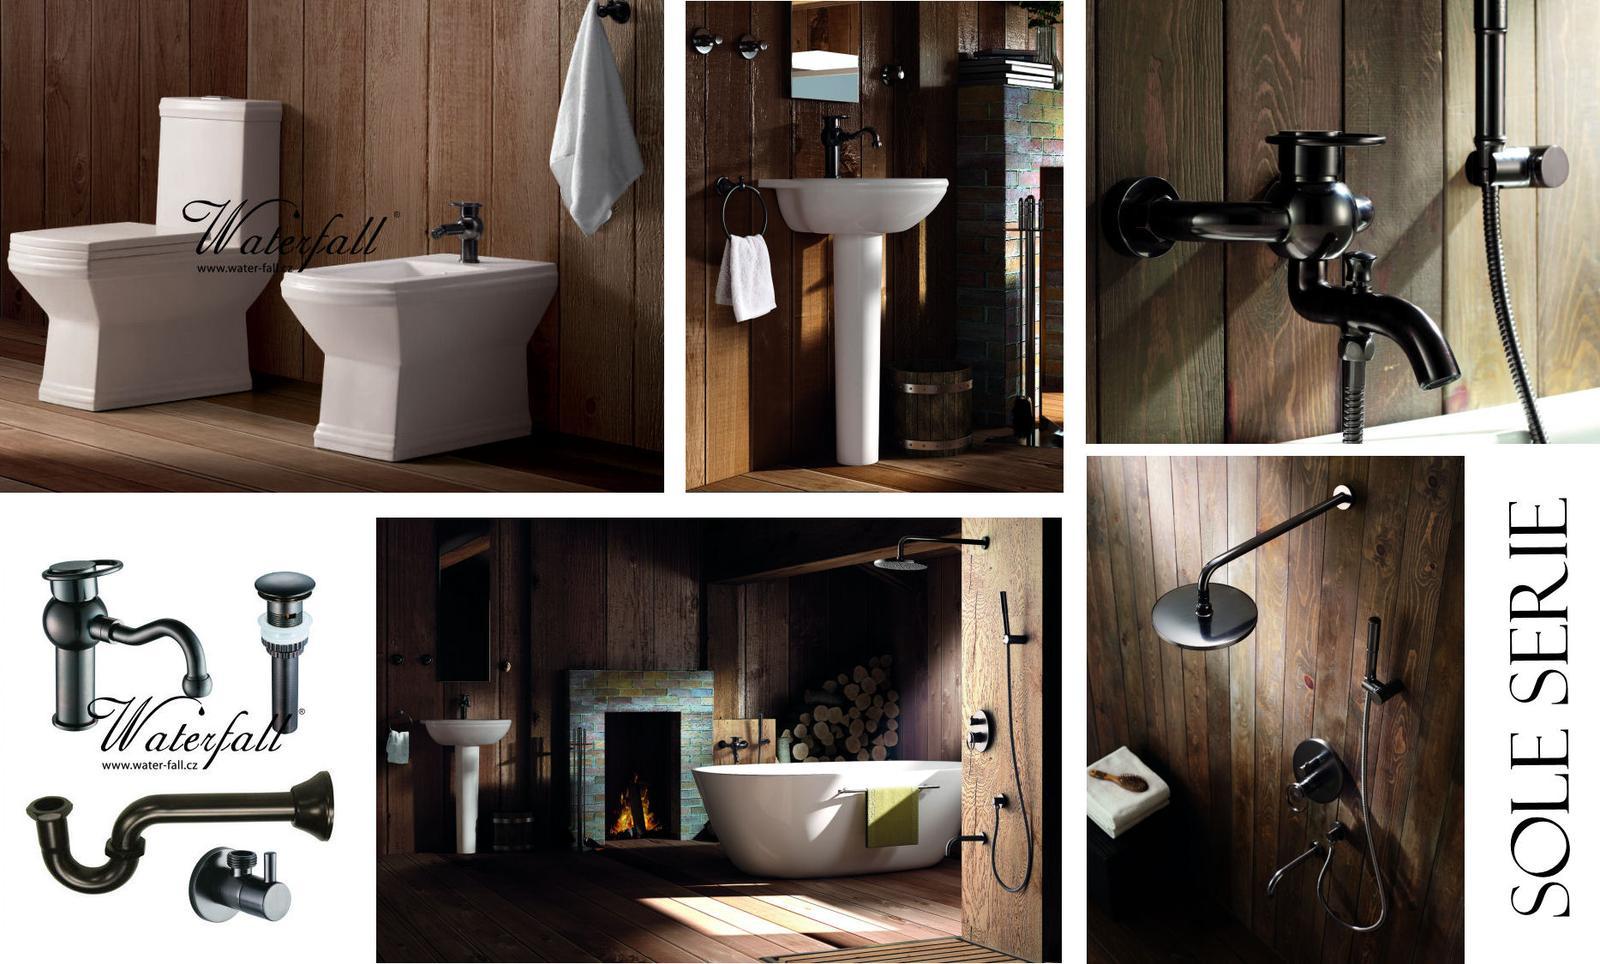 Retro koupelna - Sole série designových vodovodních baterií